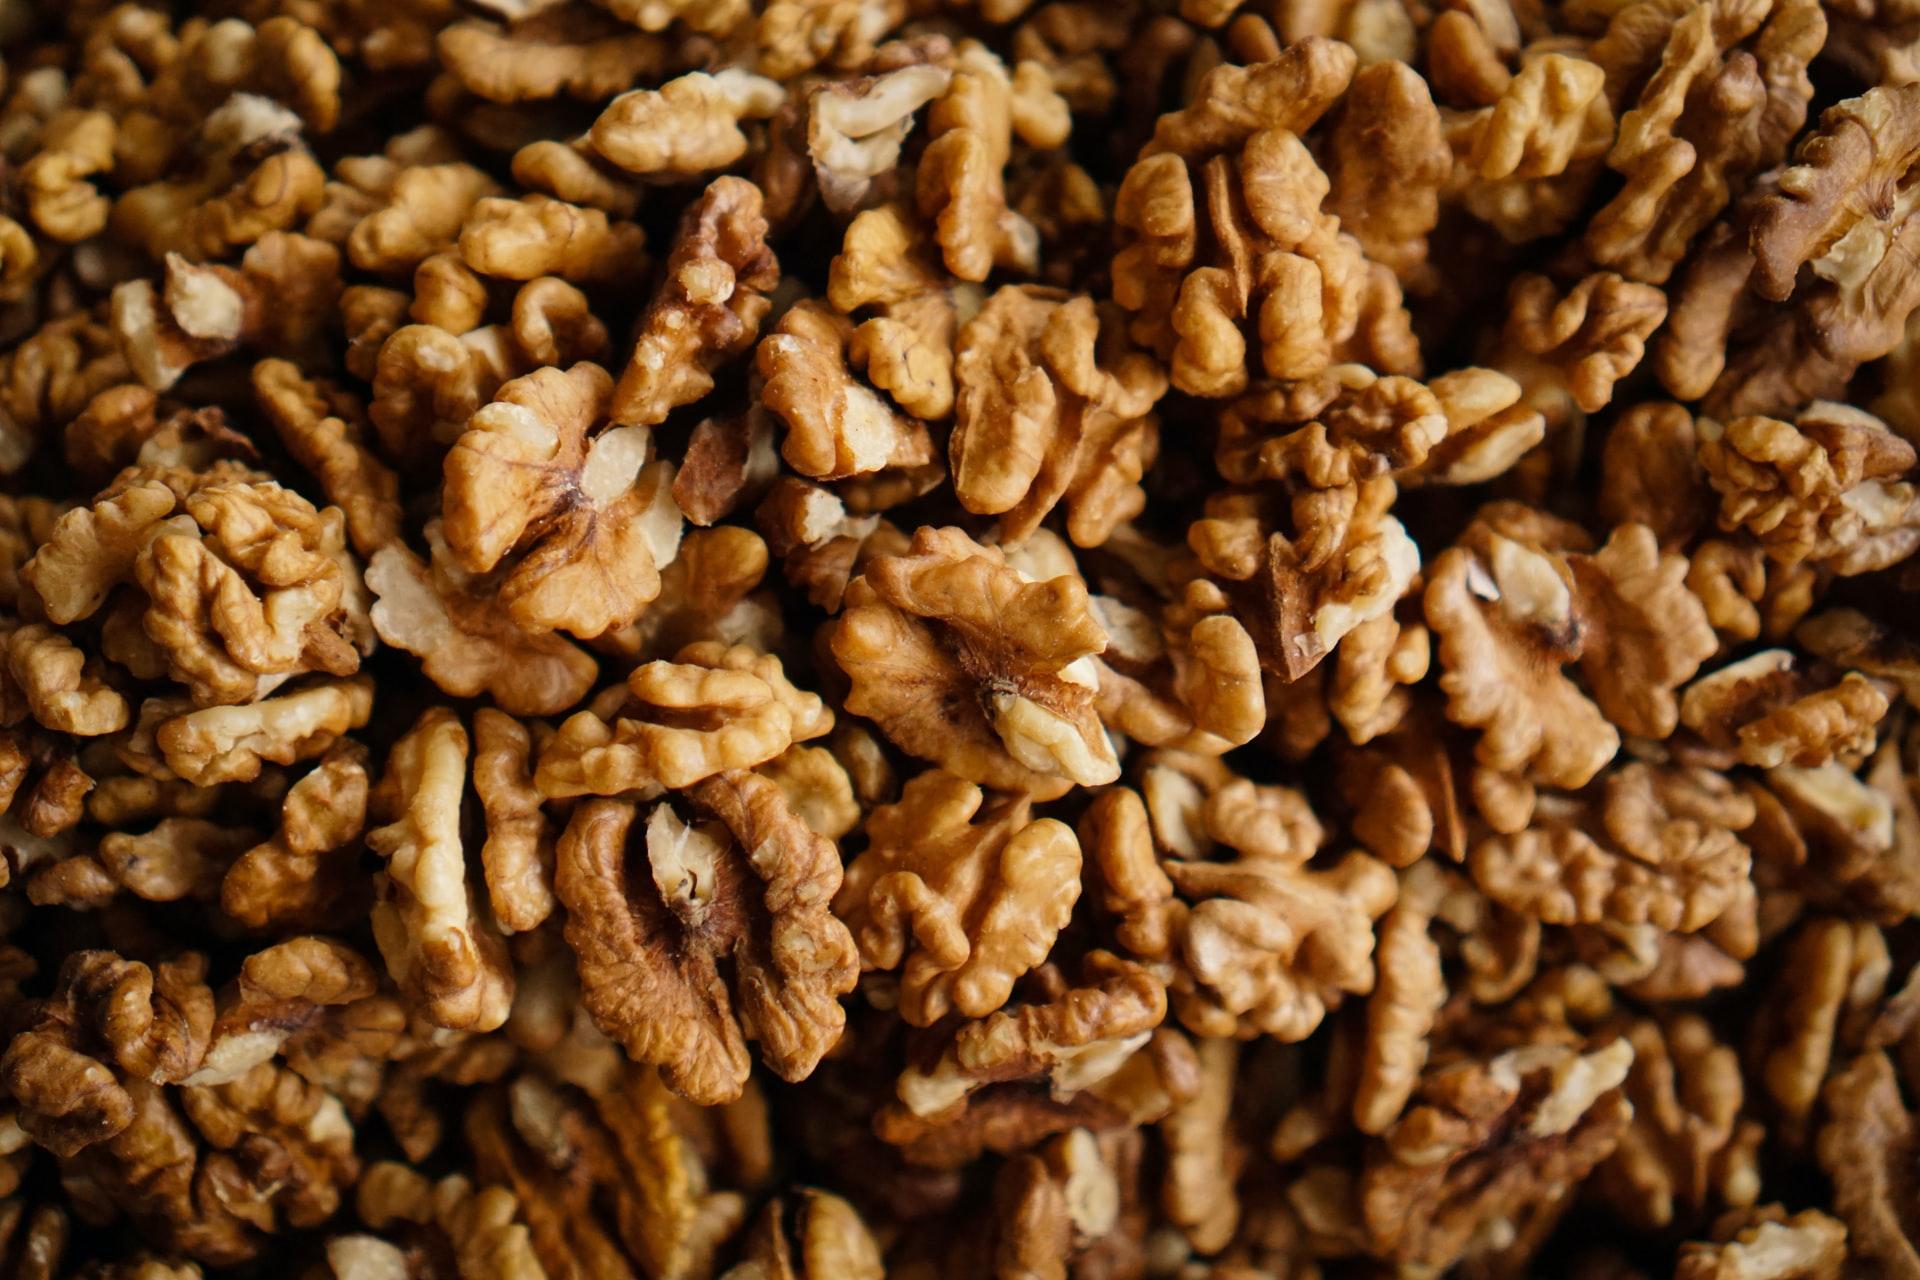 comer media taza de nueces una vez al día reduce el riesgo de cardiopatías y el colesterol